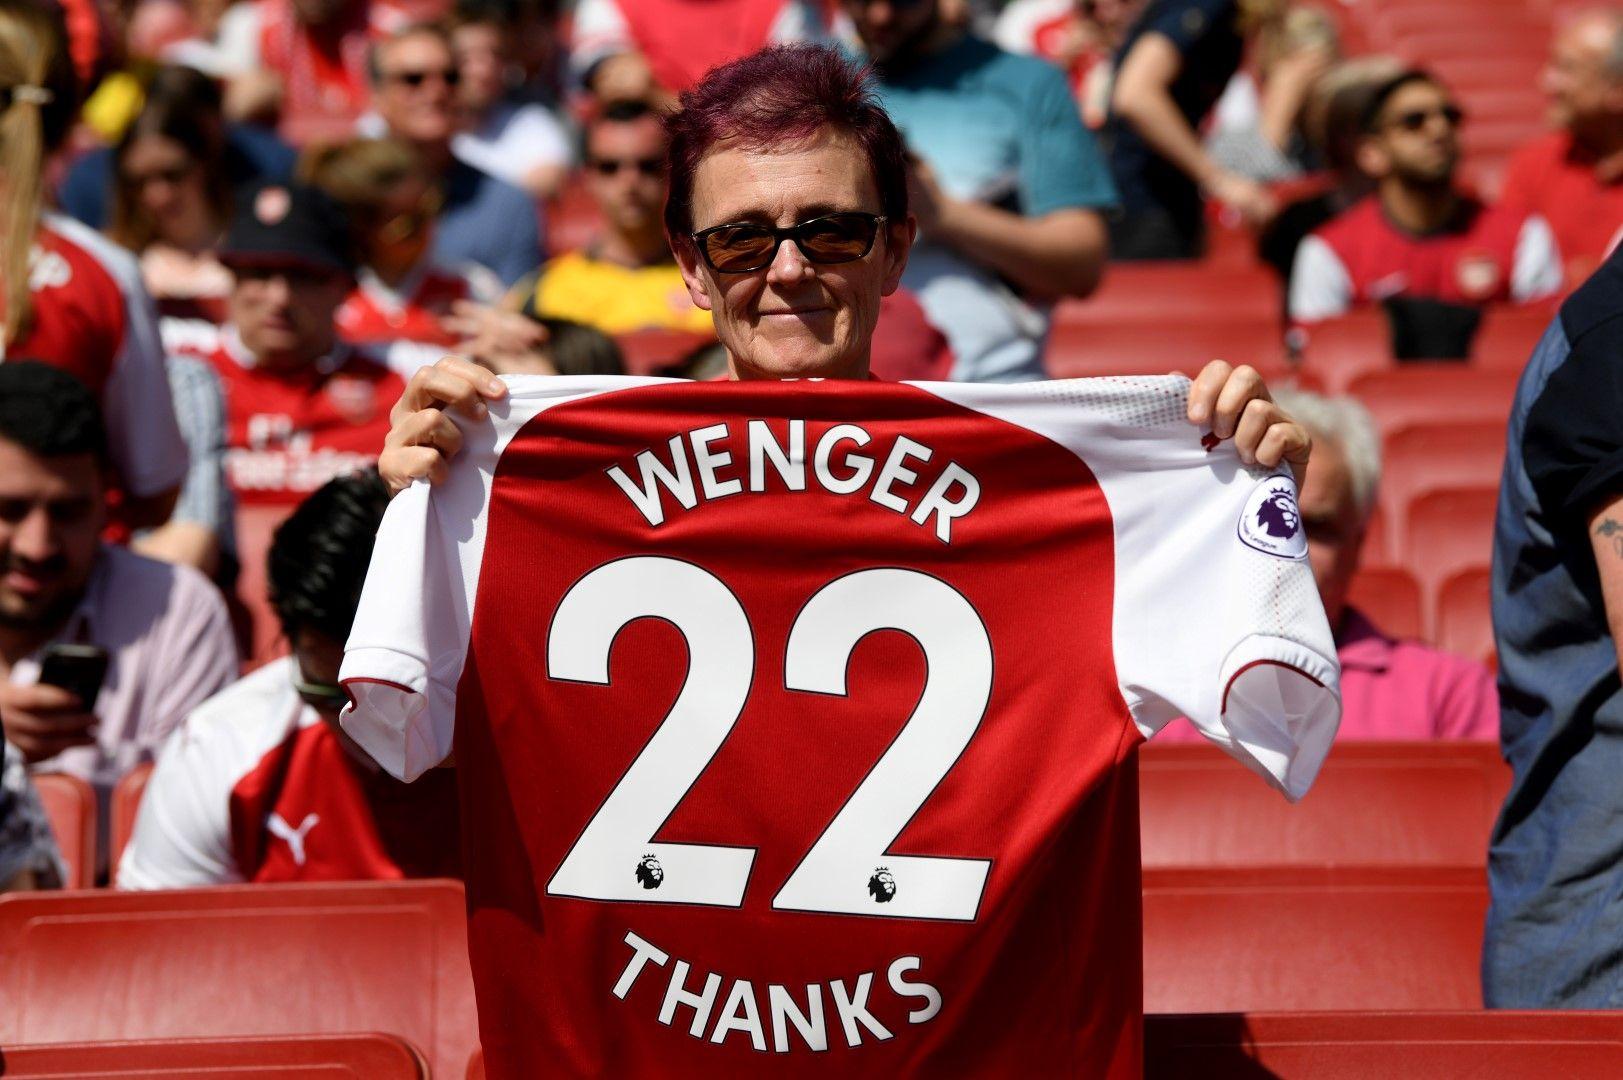 Някои фенове благодарят на Венгер за всичко. Снимка: Getty Images